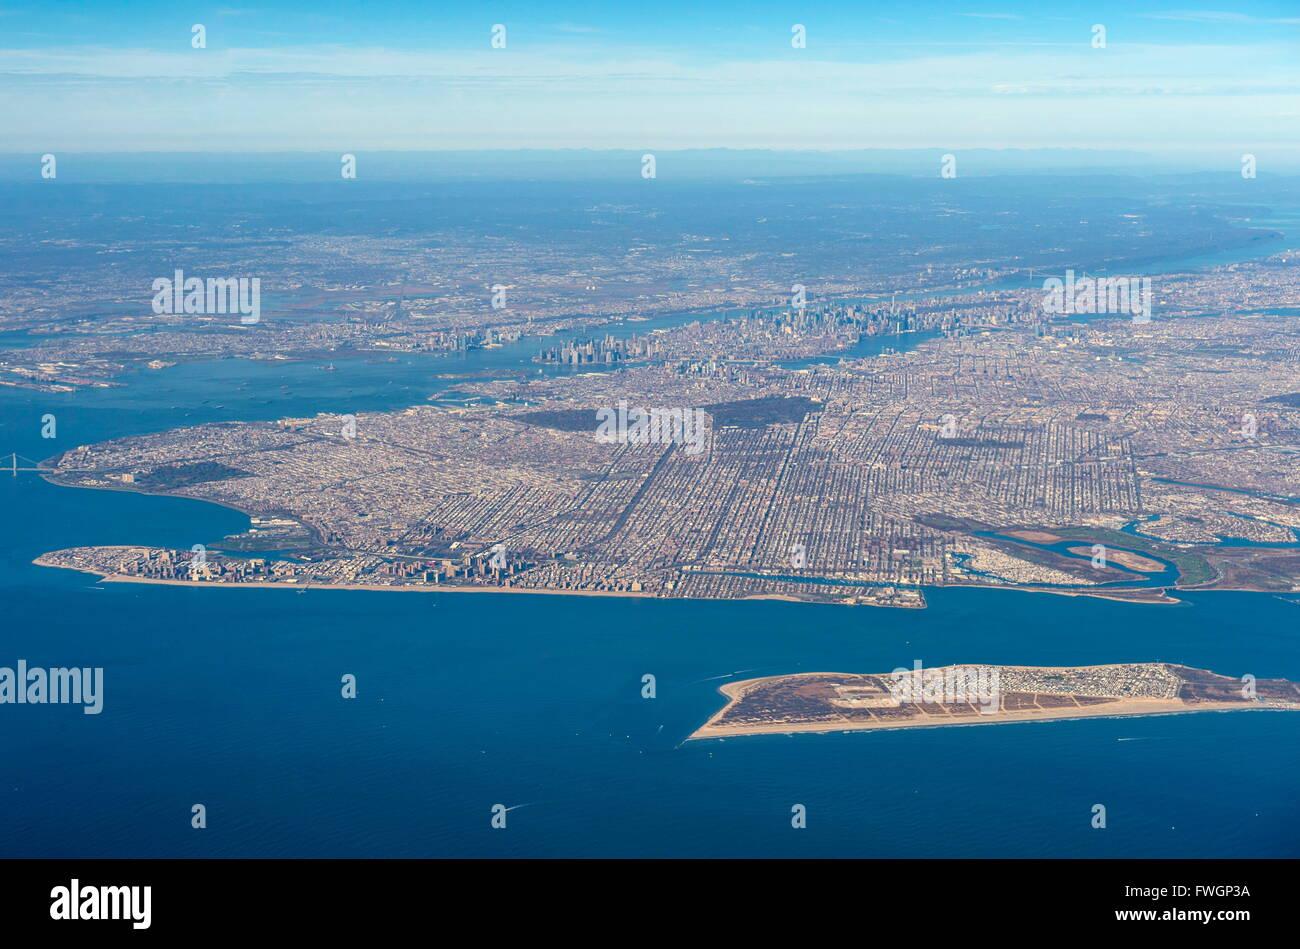 Vue aérienne de New York, États-Unis d'Amérique, Amérique du Nord Banque D'Images